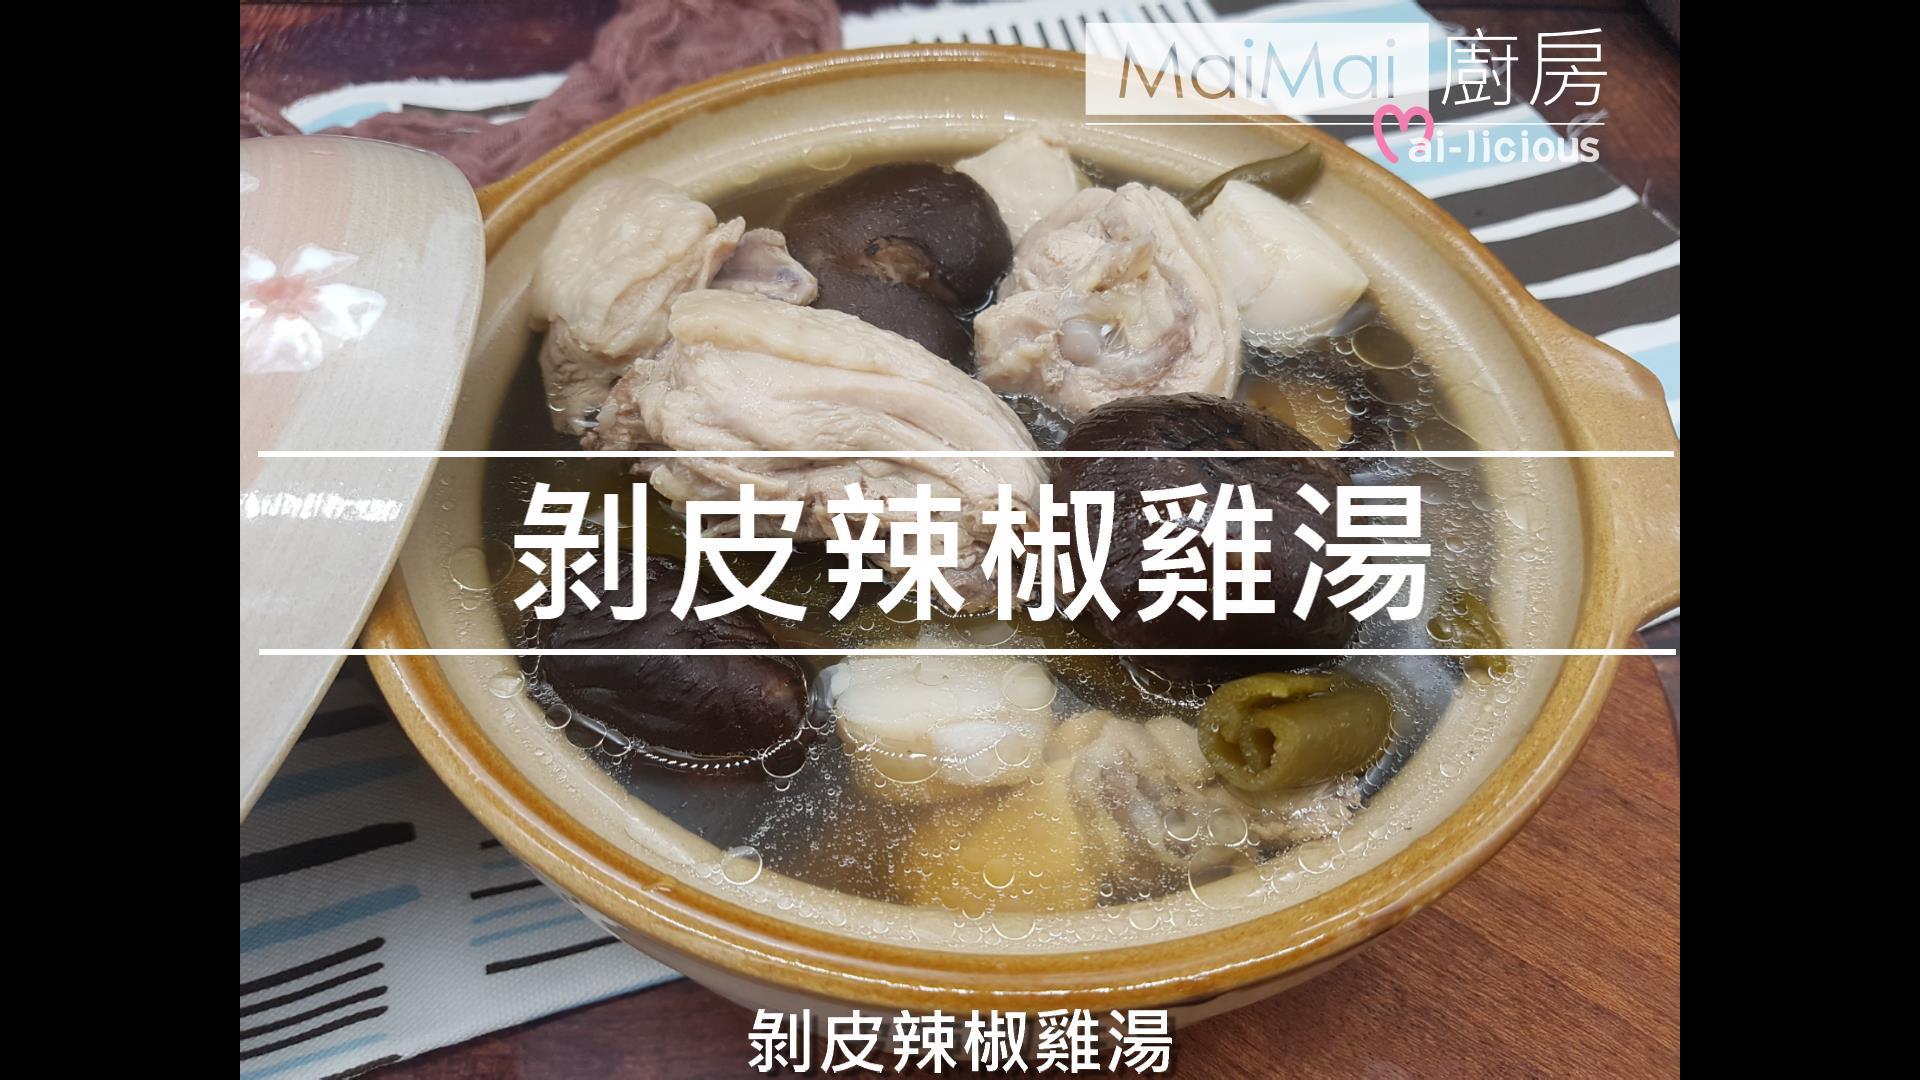 【MaiMai廚房】剝皮辣椒雞湯